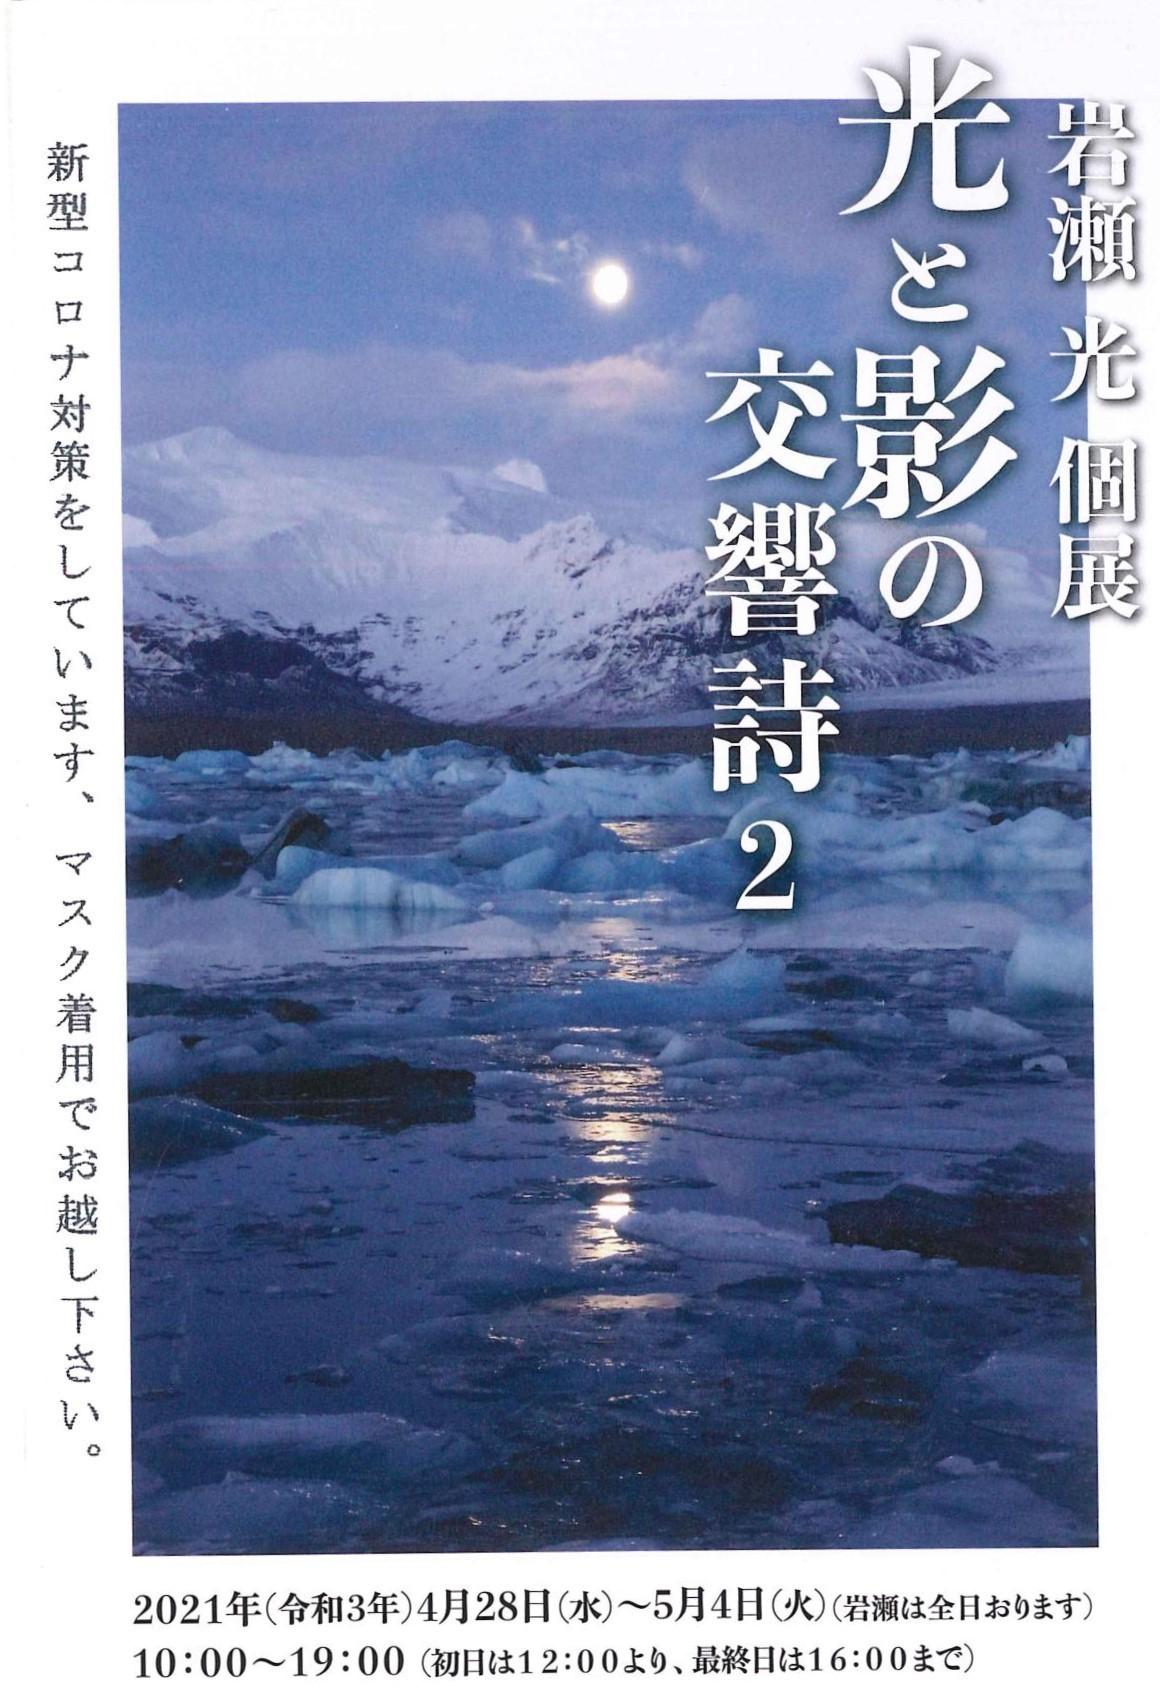 4月28日~『岩瀬 光 個展 光と影の交響詩2』_b0206085_17233405.jpg